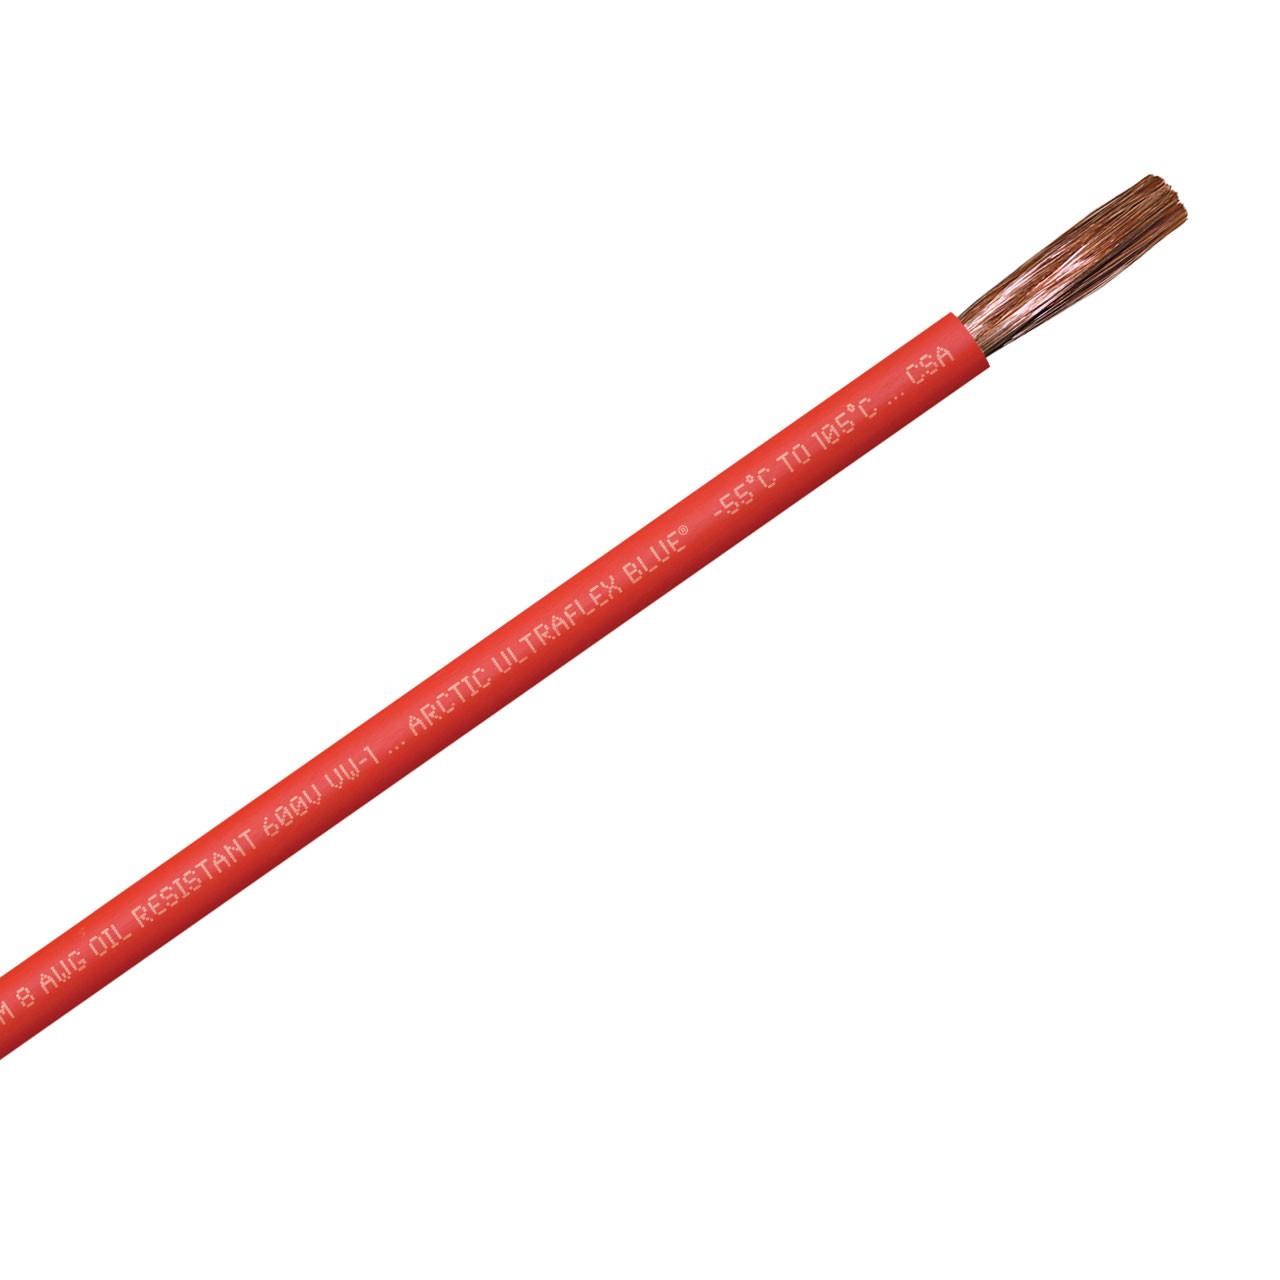 ARCTIC ULTRAFLEX 8GA RED PER FOOT